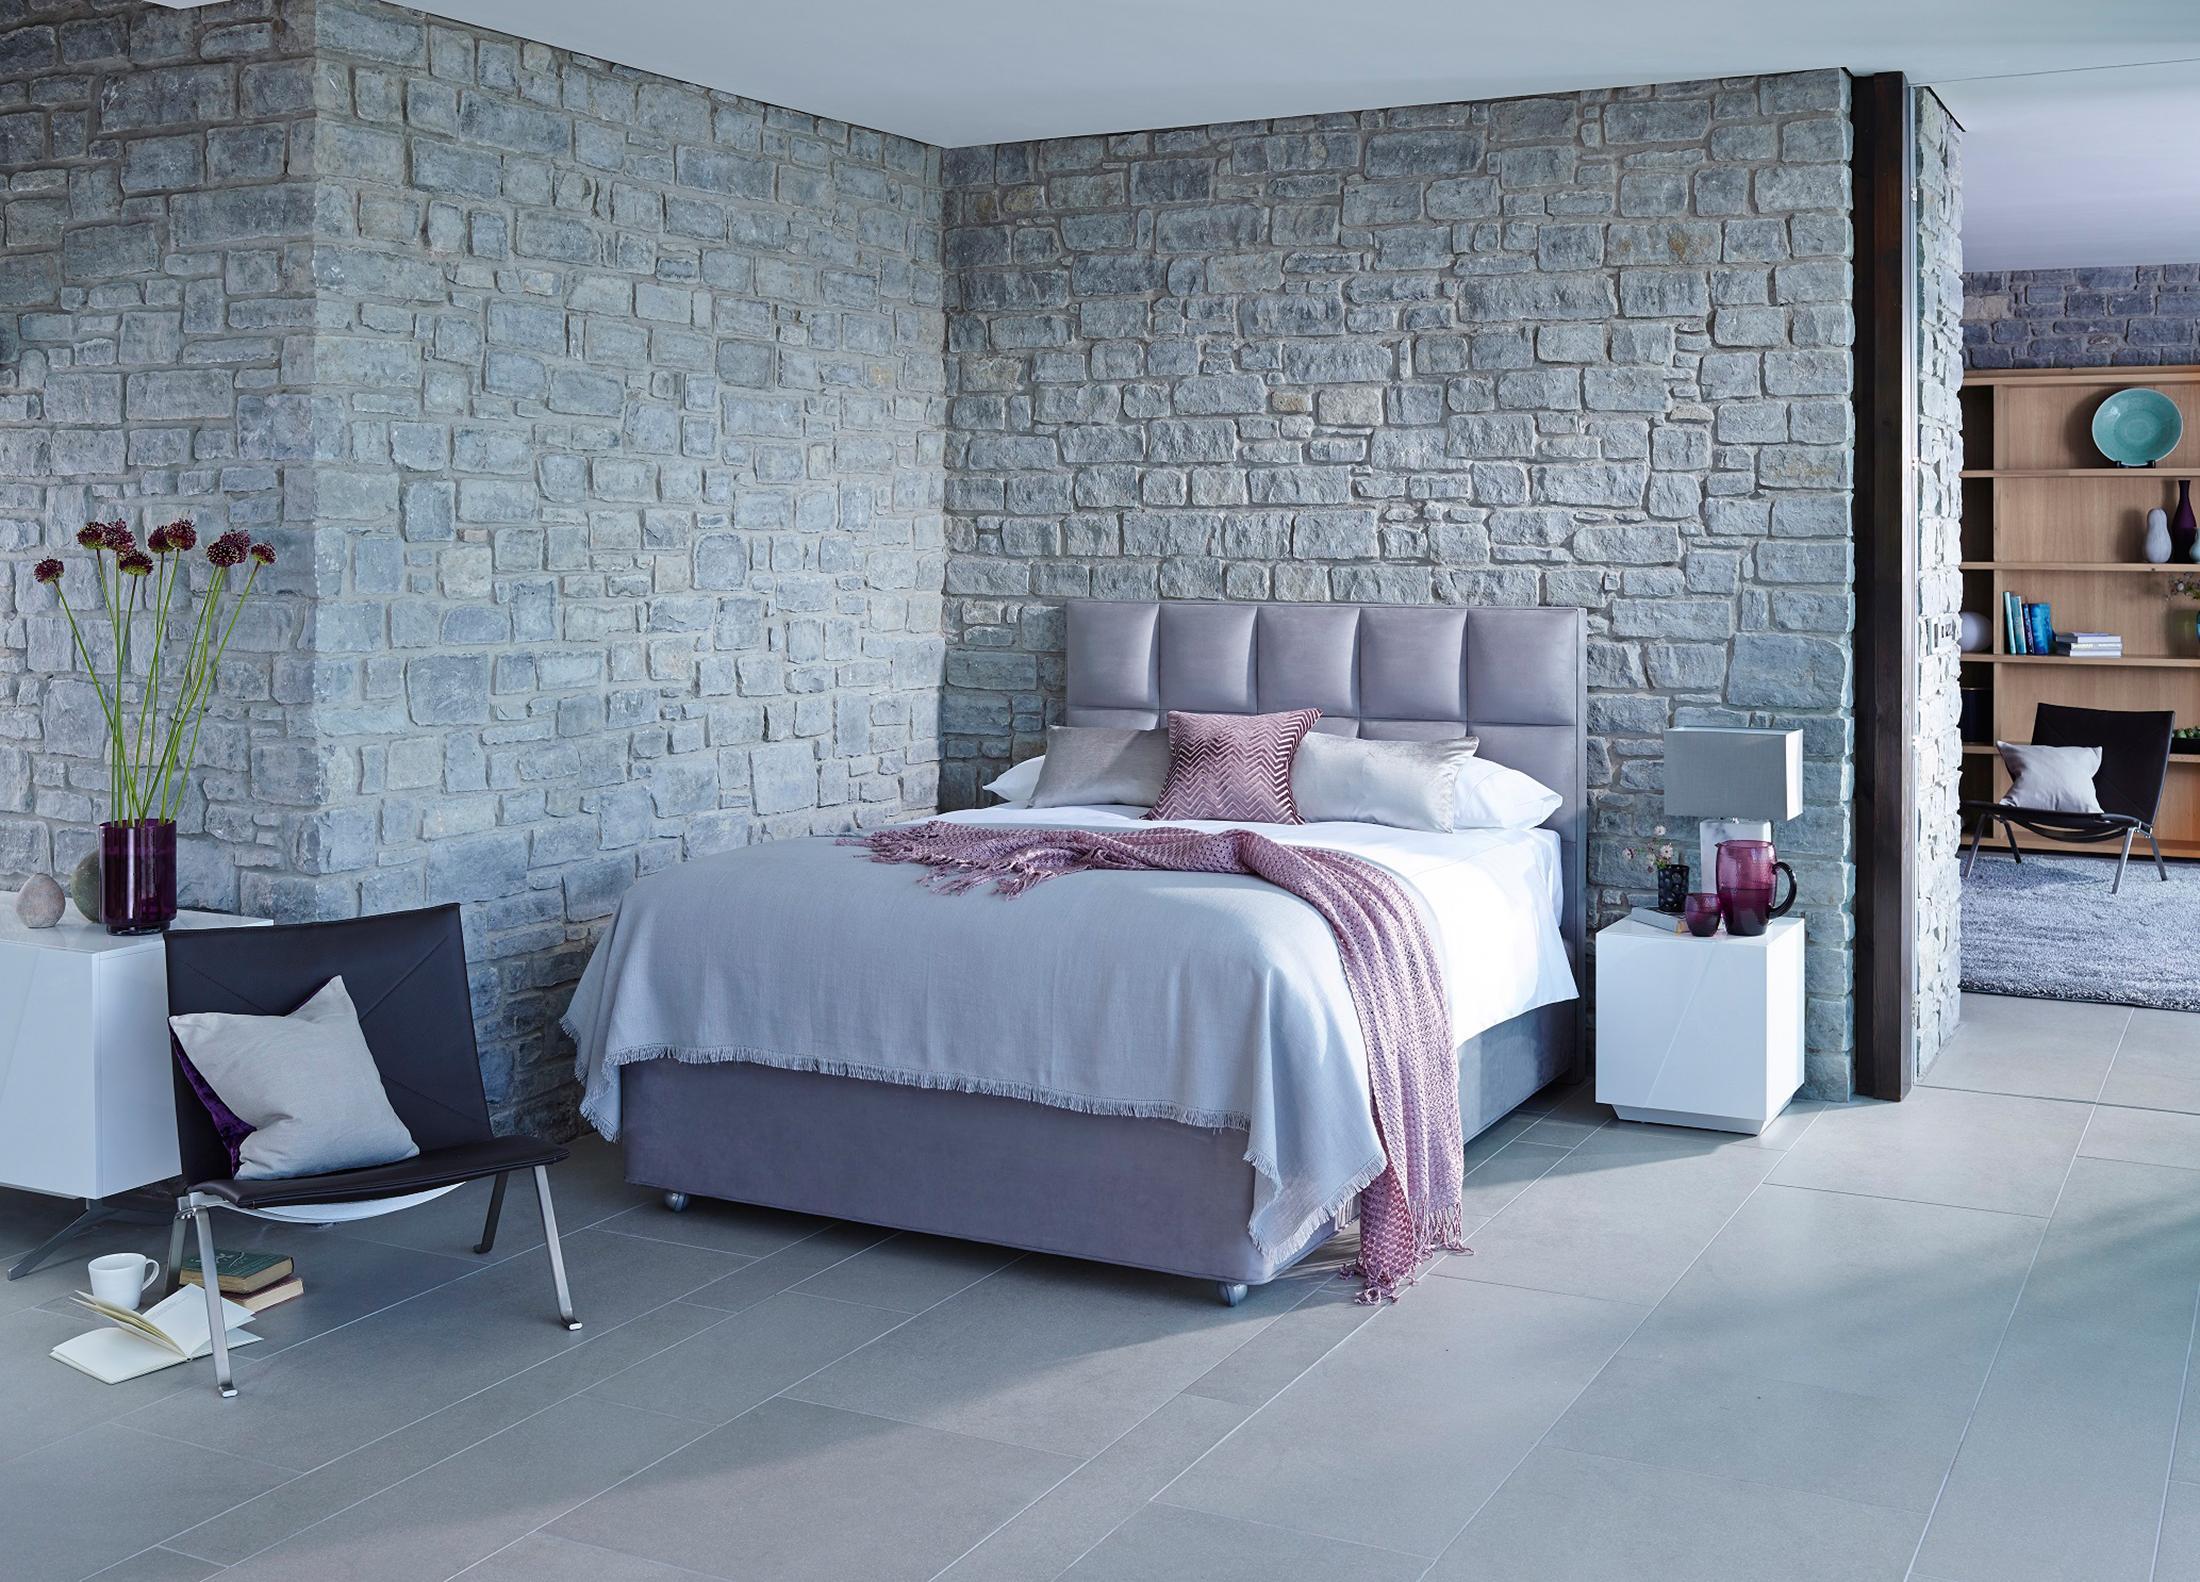 Schlafzimmer wandgestaltung bilder ideen couch for Tagesdecke boxspringbett